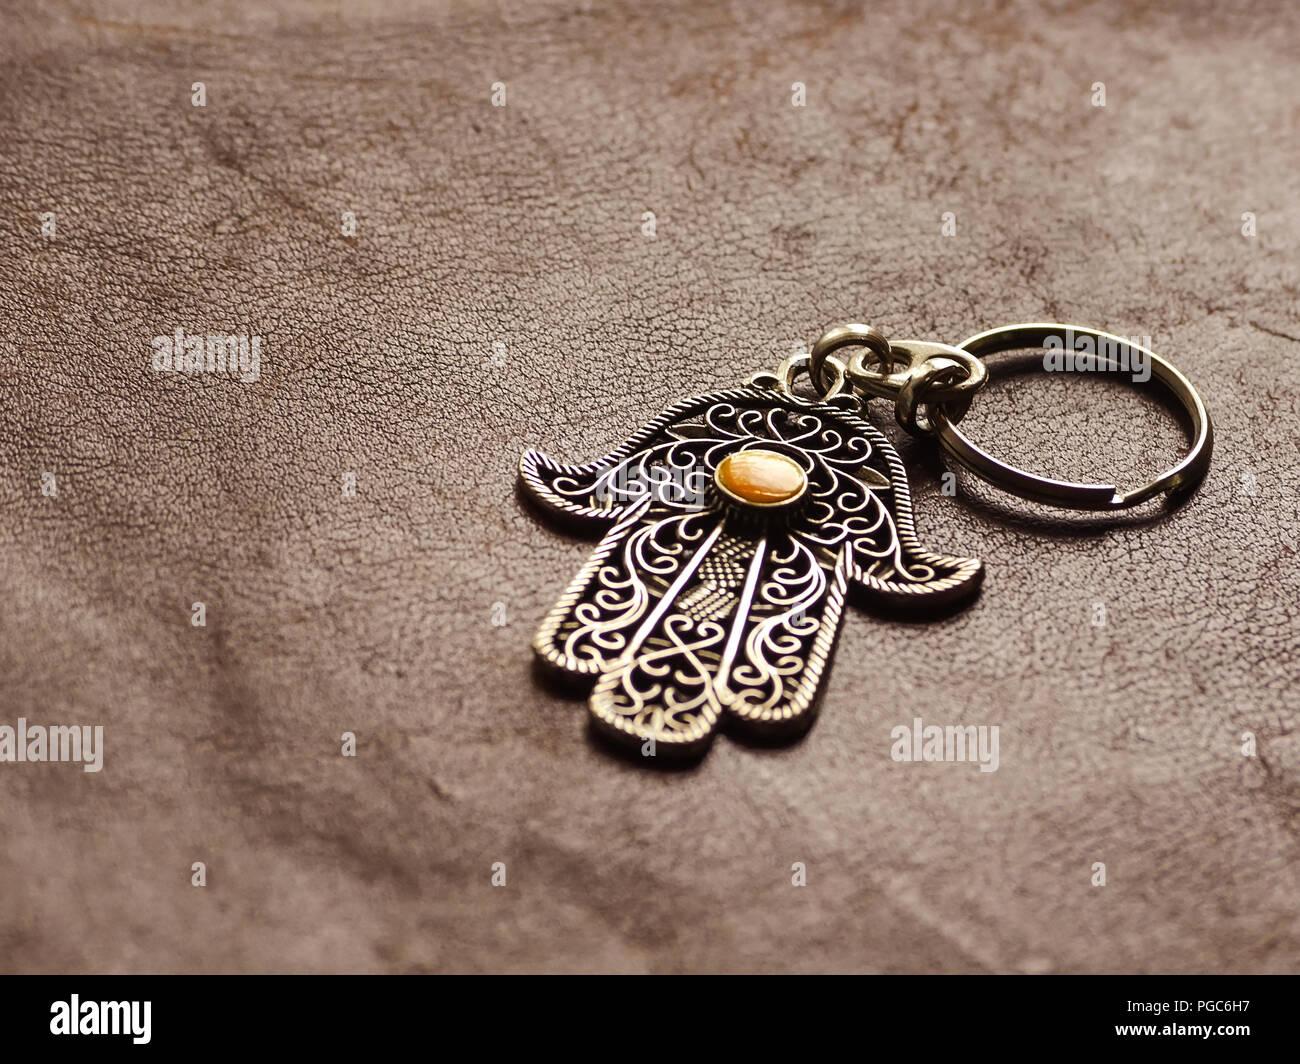 Un anello chiave nella forma di Fatima la mano sulla pelle marrone dello sfondo. Simbolo di antico e di moderno e tradizionale souvenir turistici della Tunisia. Immagini Stock